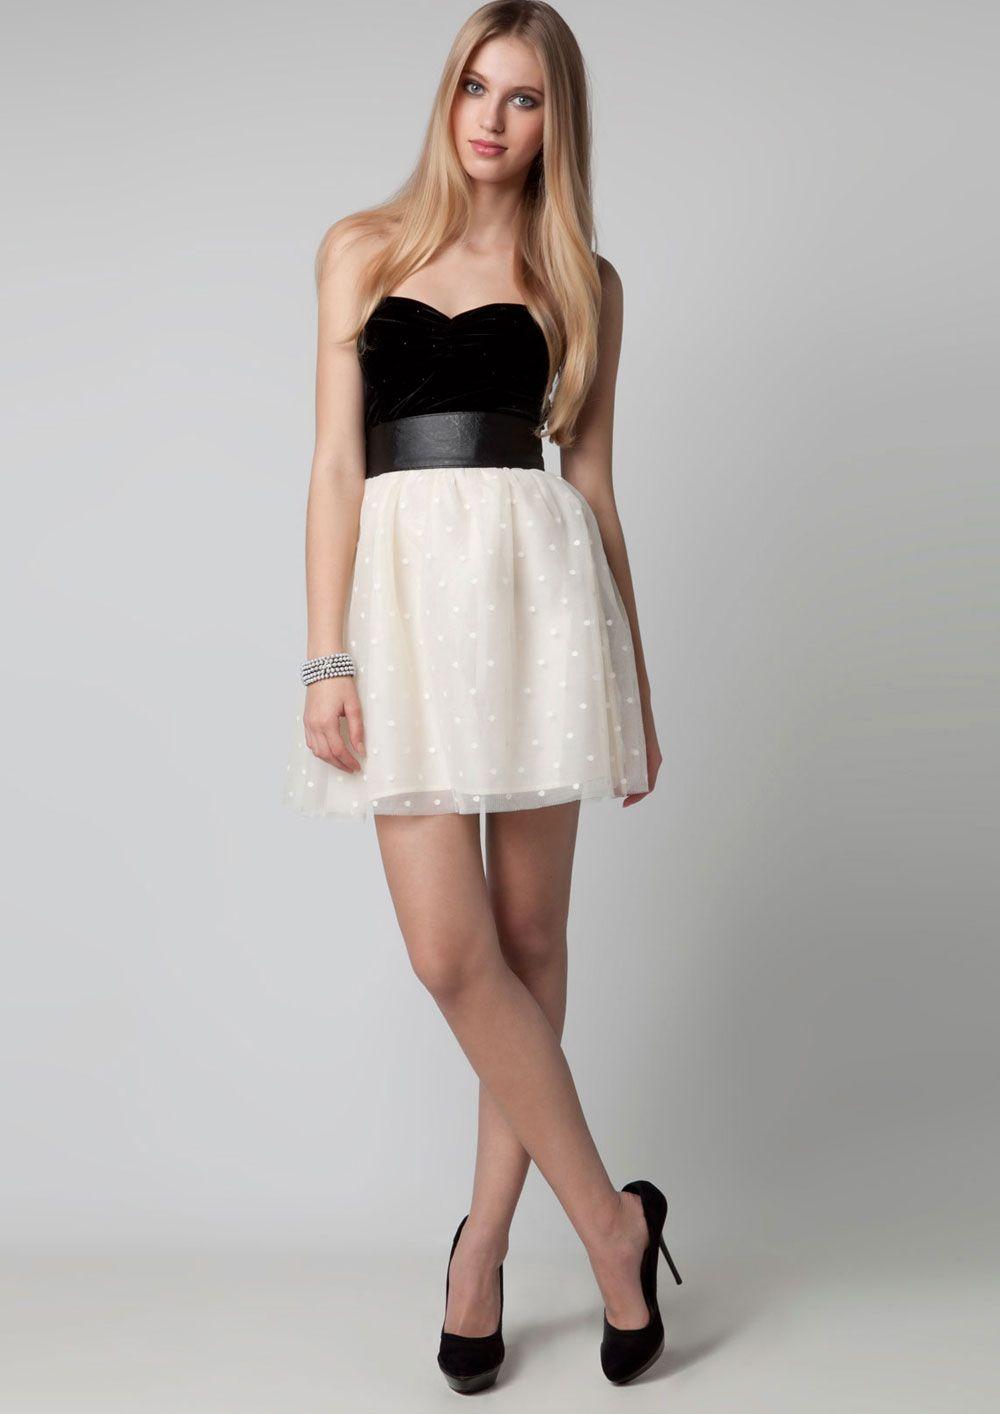 Vestidos largos de fiesta para chicas jovenes